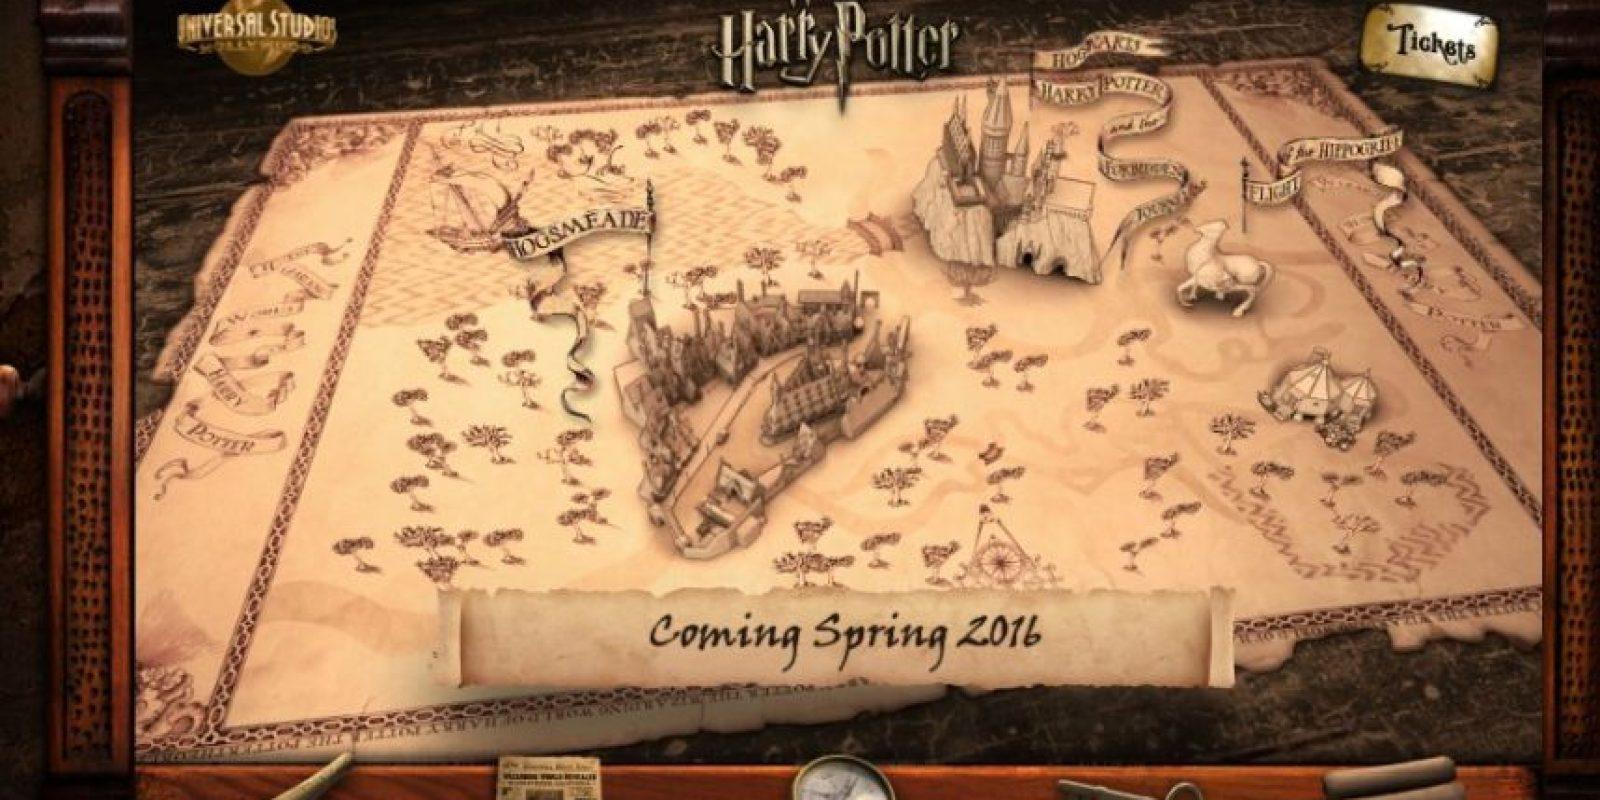 """Por esta razón, Universal Studios quiere brindarle a los fans del niño mago la oportunidad de conocer antes que nadie el nuevo parque temático de """"Harry Potter"""" Foto:www.wizardingworldhollywood.com"""